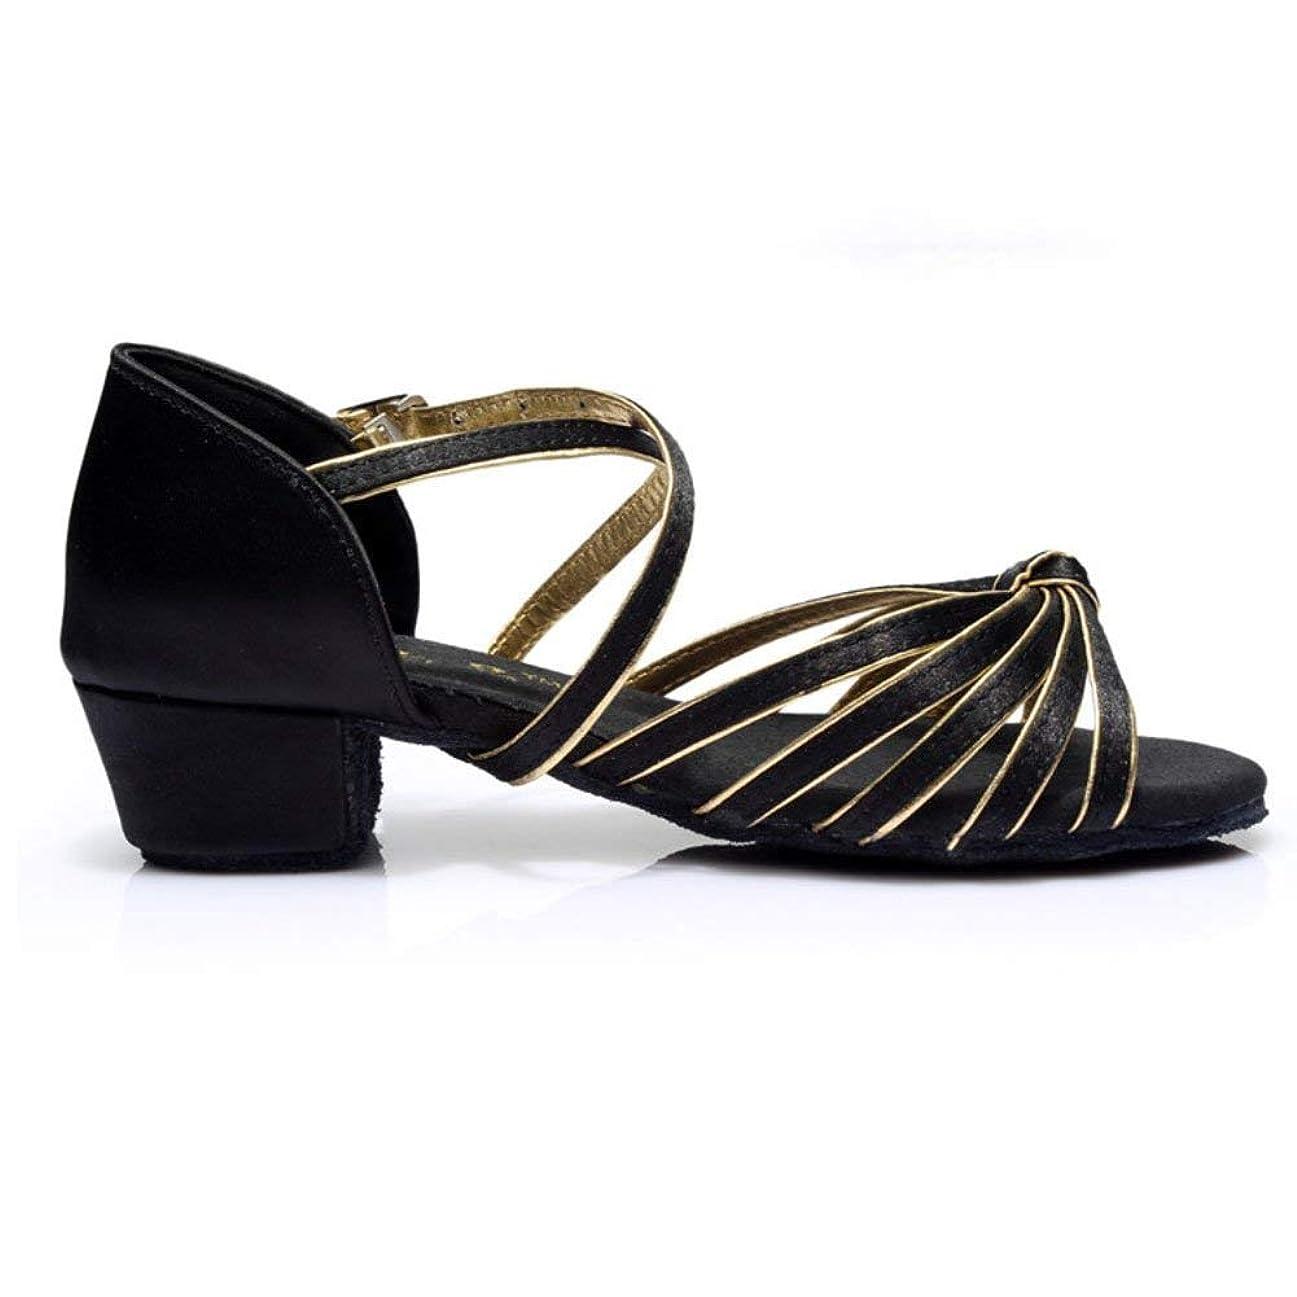 東アドバンテージ迅速[Dianyejiancai] 最新の女性ダンスシューズ 女の子ラテンダンスシューズ、子供用ダンスシューズローヒール耐摩耗性サンダル (Color : C, サイズ : Foot length=17.3CM(6.8Inch))